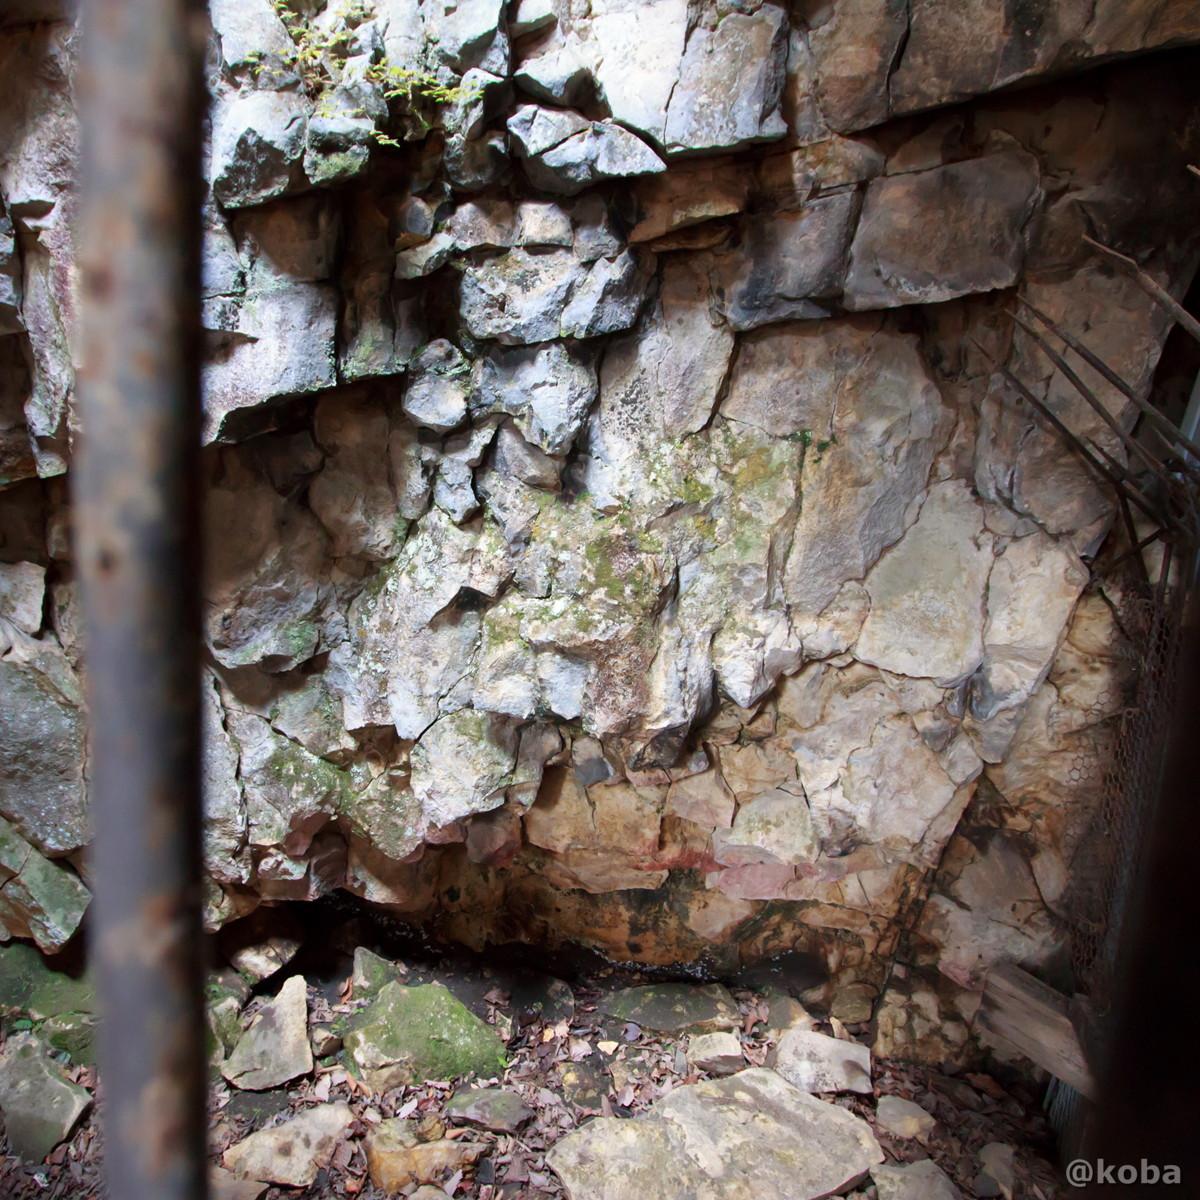 天然記念物 ヒカリゴケの写真│大岩不動尊(おおいわふどうそん)│群馬県 ブログ